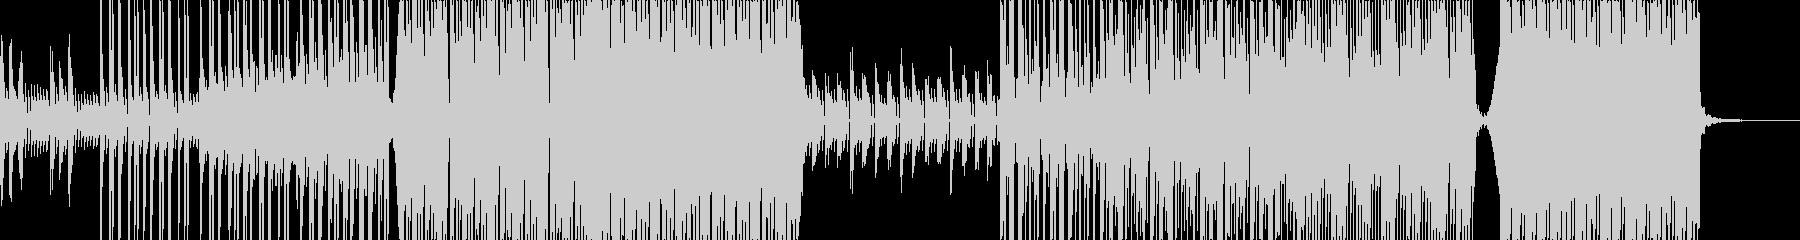 爽やかで洋楽的なエレクトロポップの未再生の波形